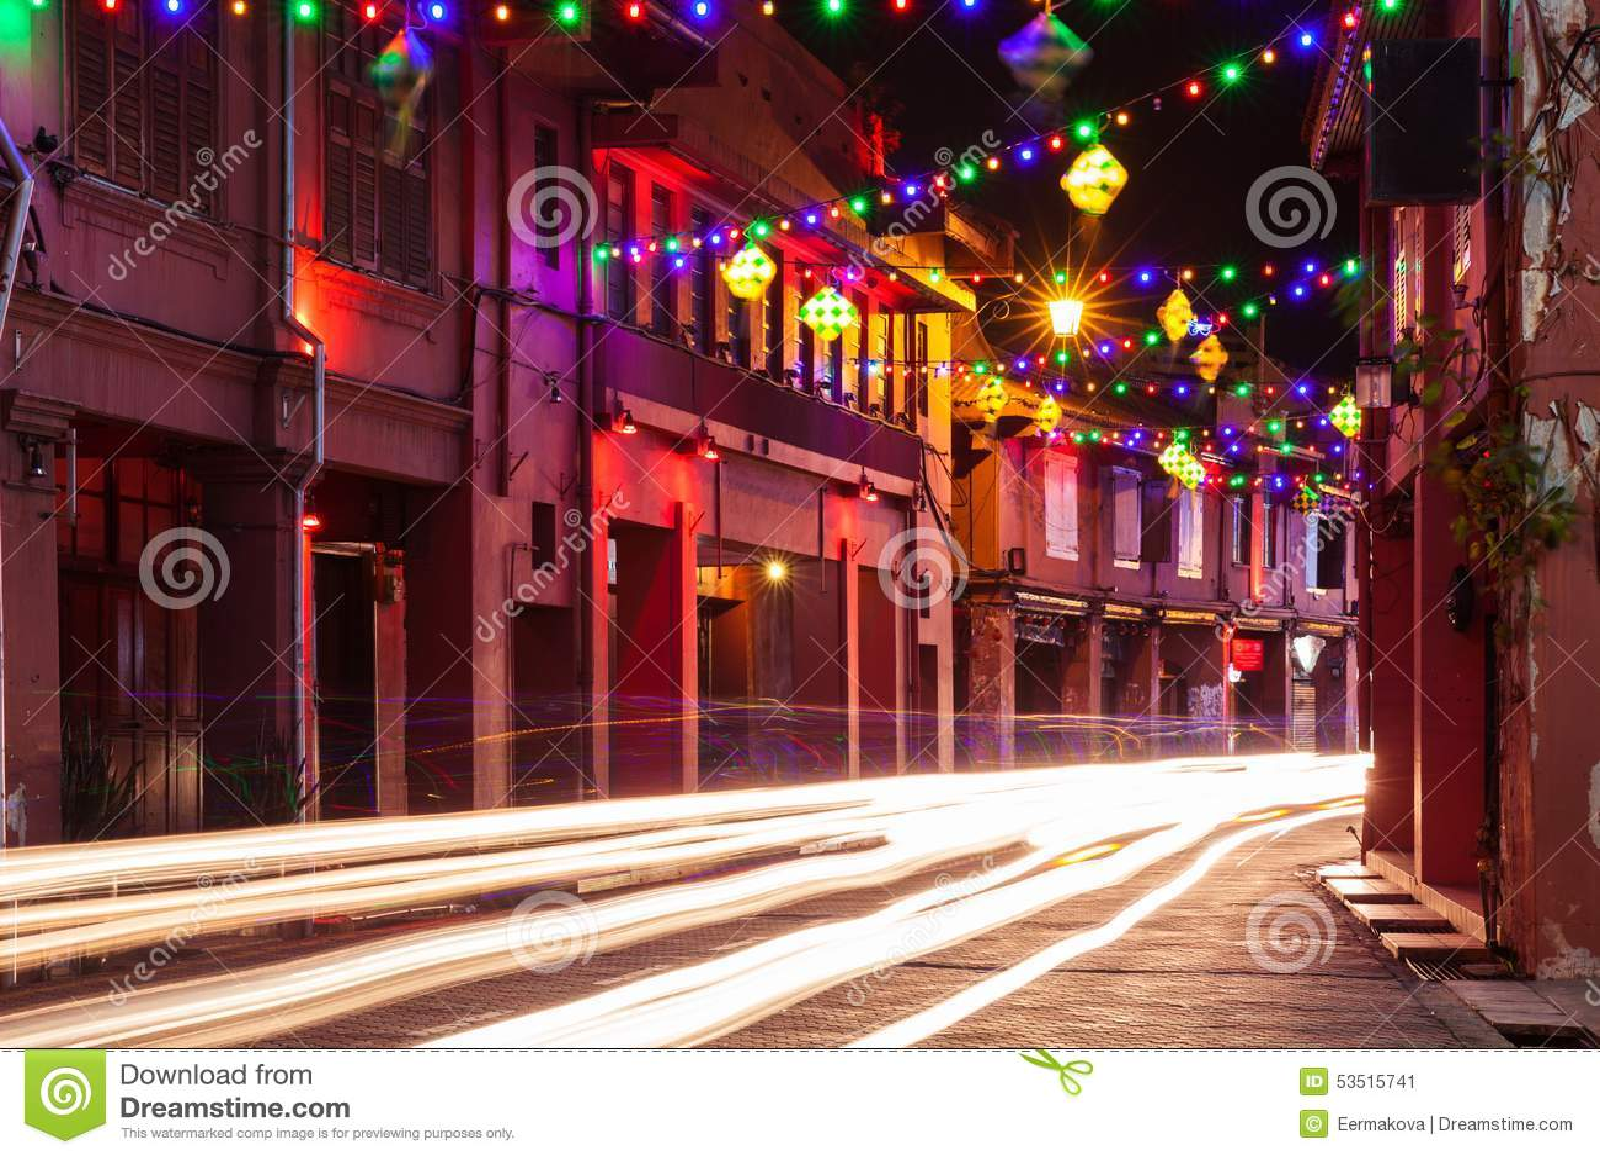 Holiday illumination on the street of Malacca, Malaysia